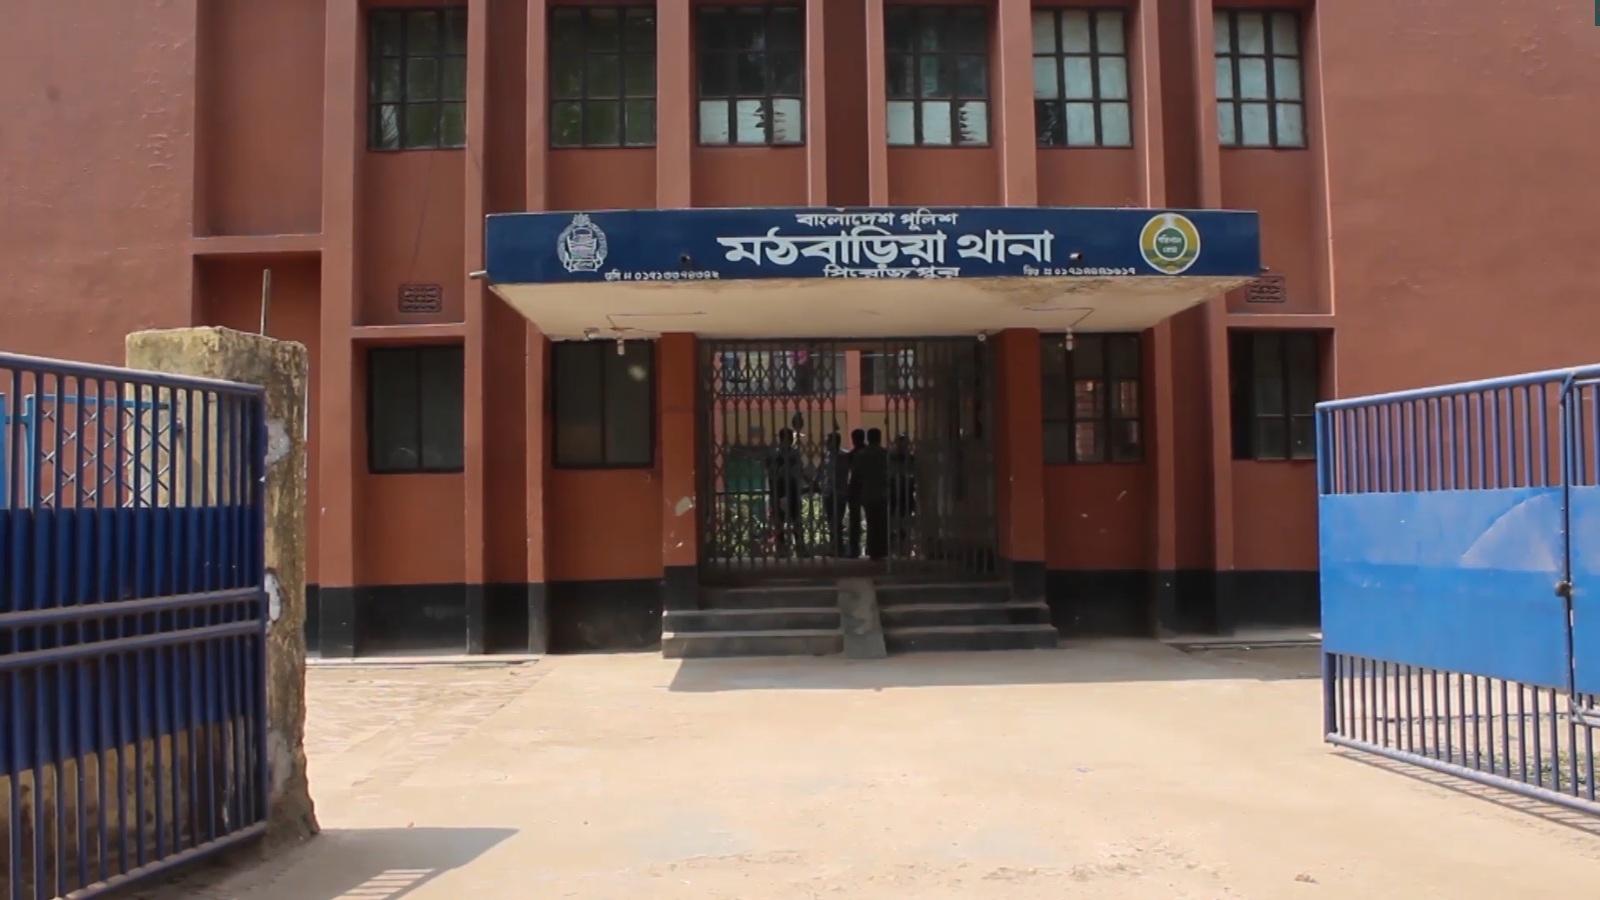 পিরোজপুরের মঠবাড়িয়ায় দুই কলেজ ছাত্রী ধর্ষণের ঘটনায় থানায় মামলা : একজন গ্রেফতার